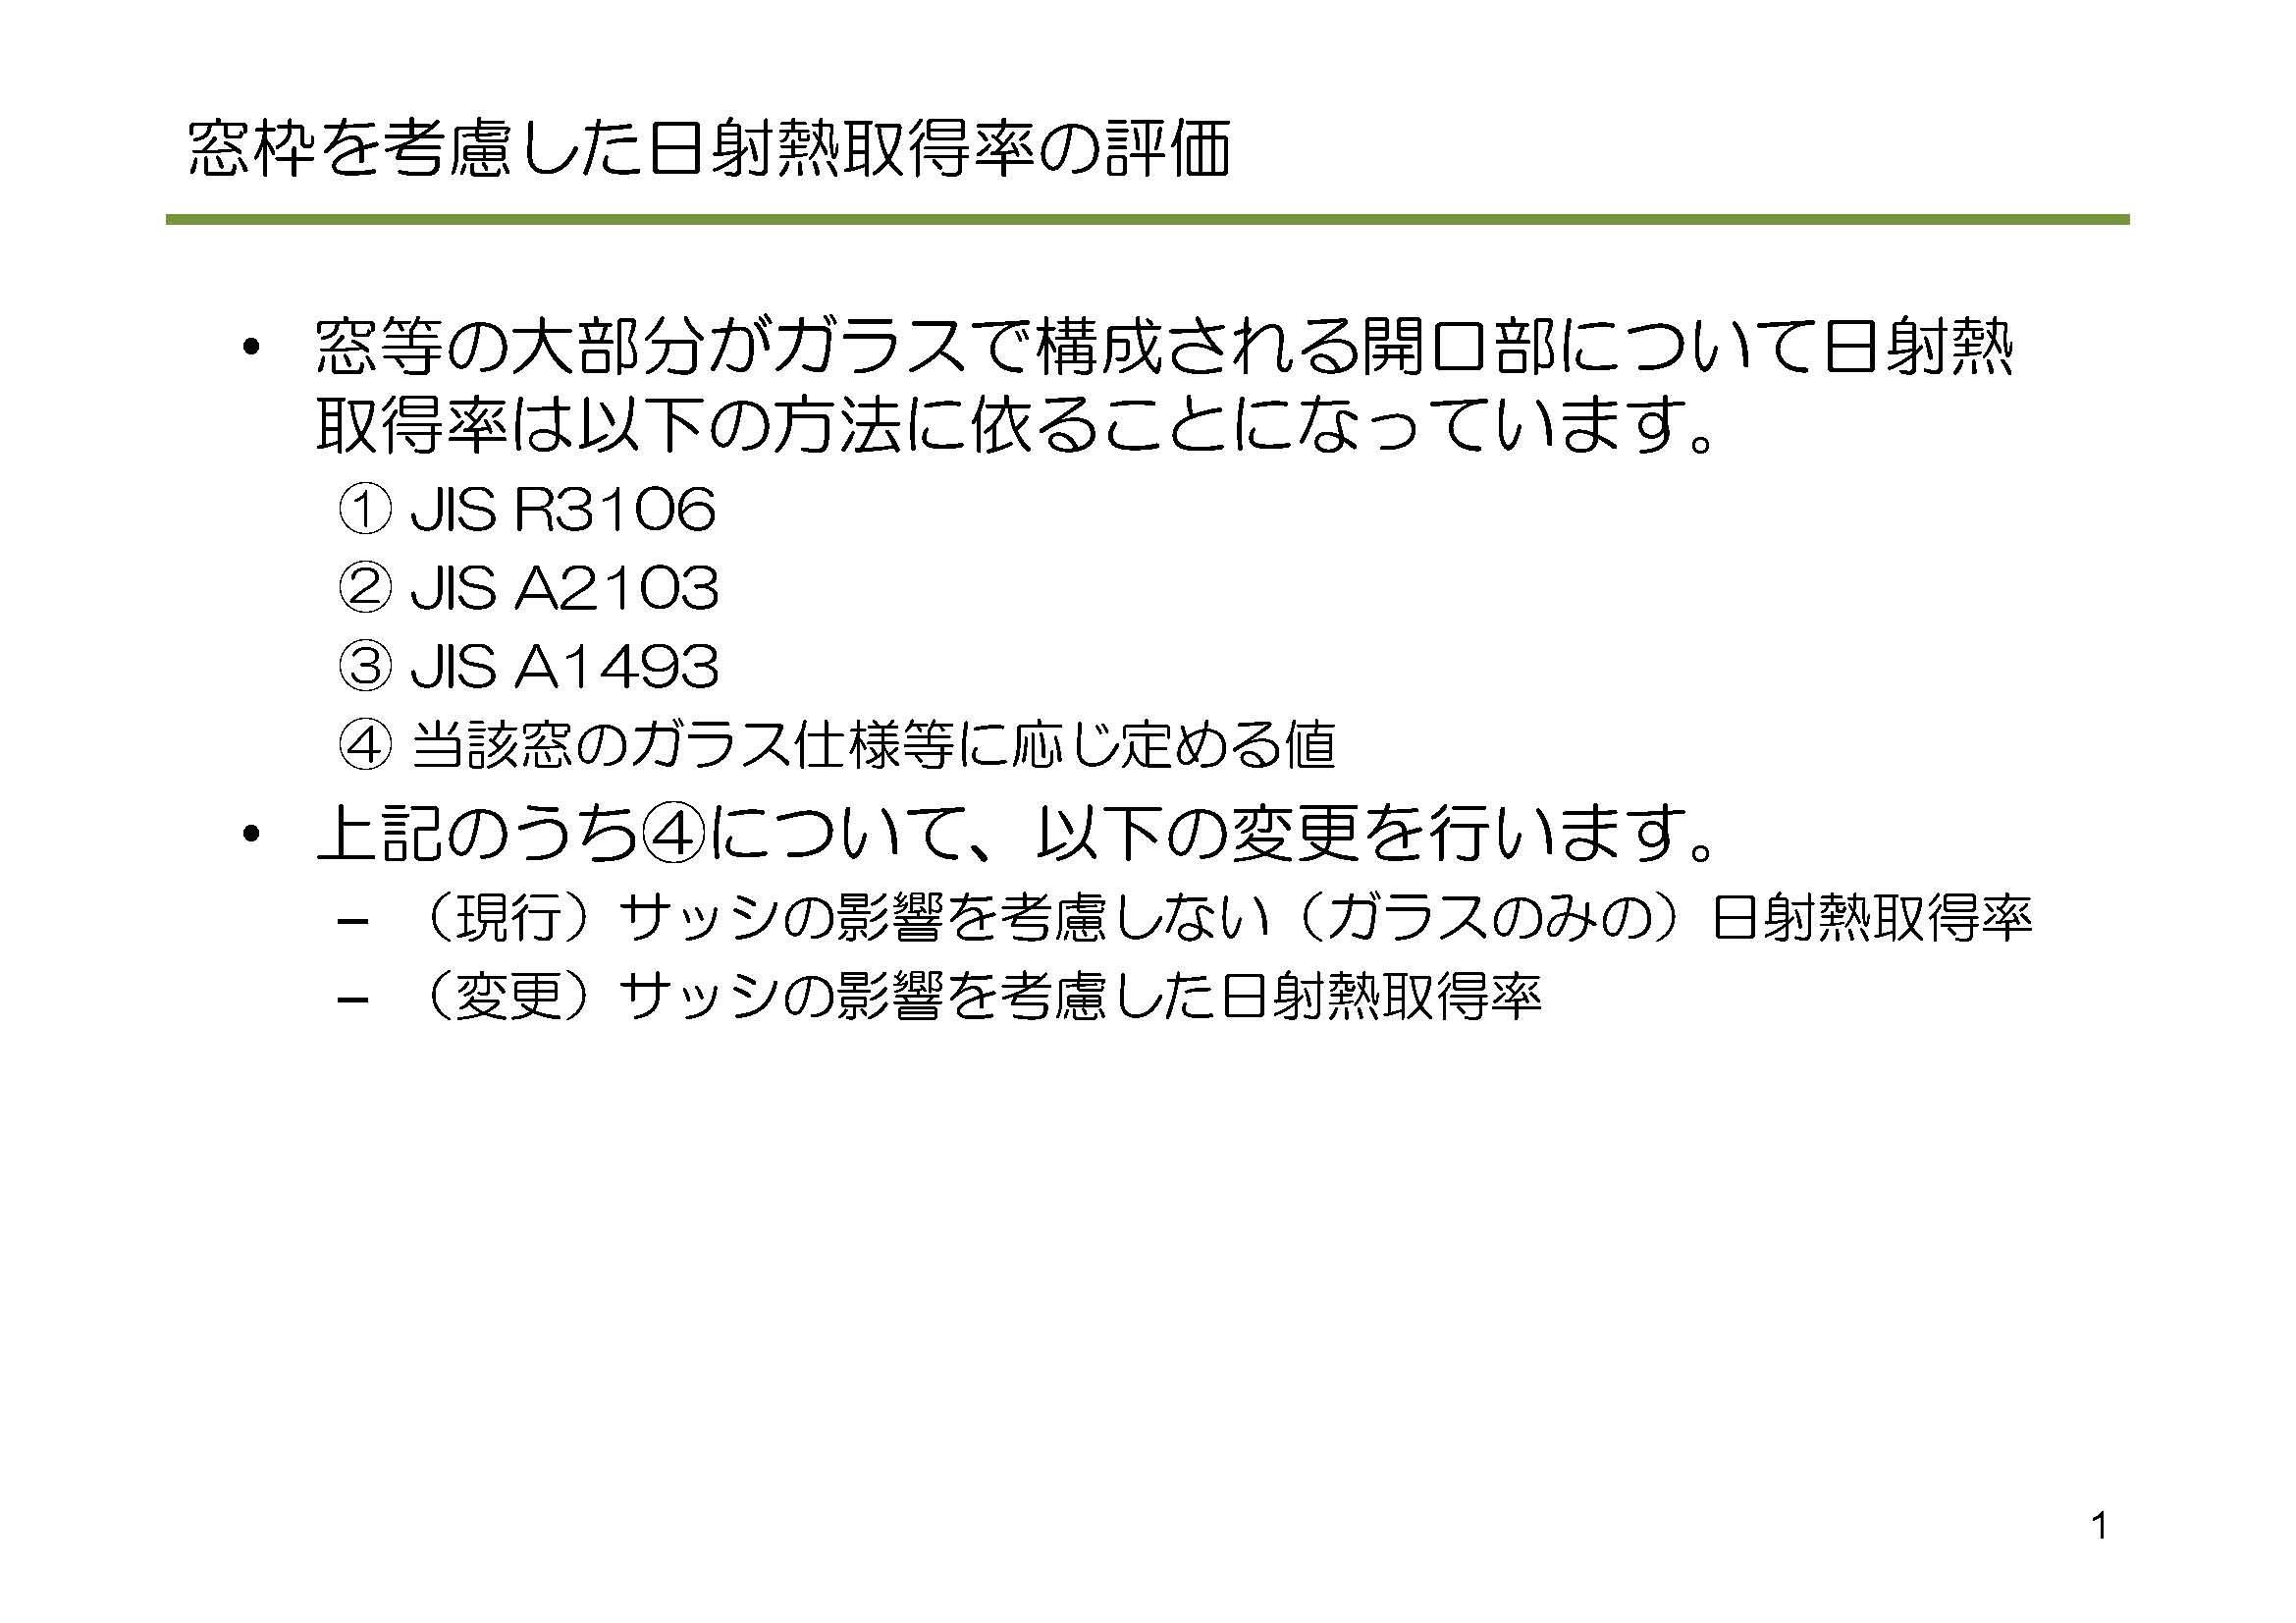 Henkou01_160401_ページ_1